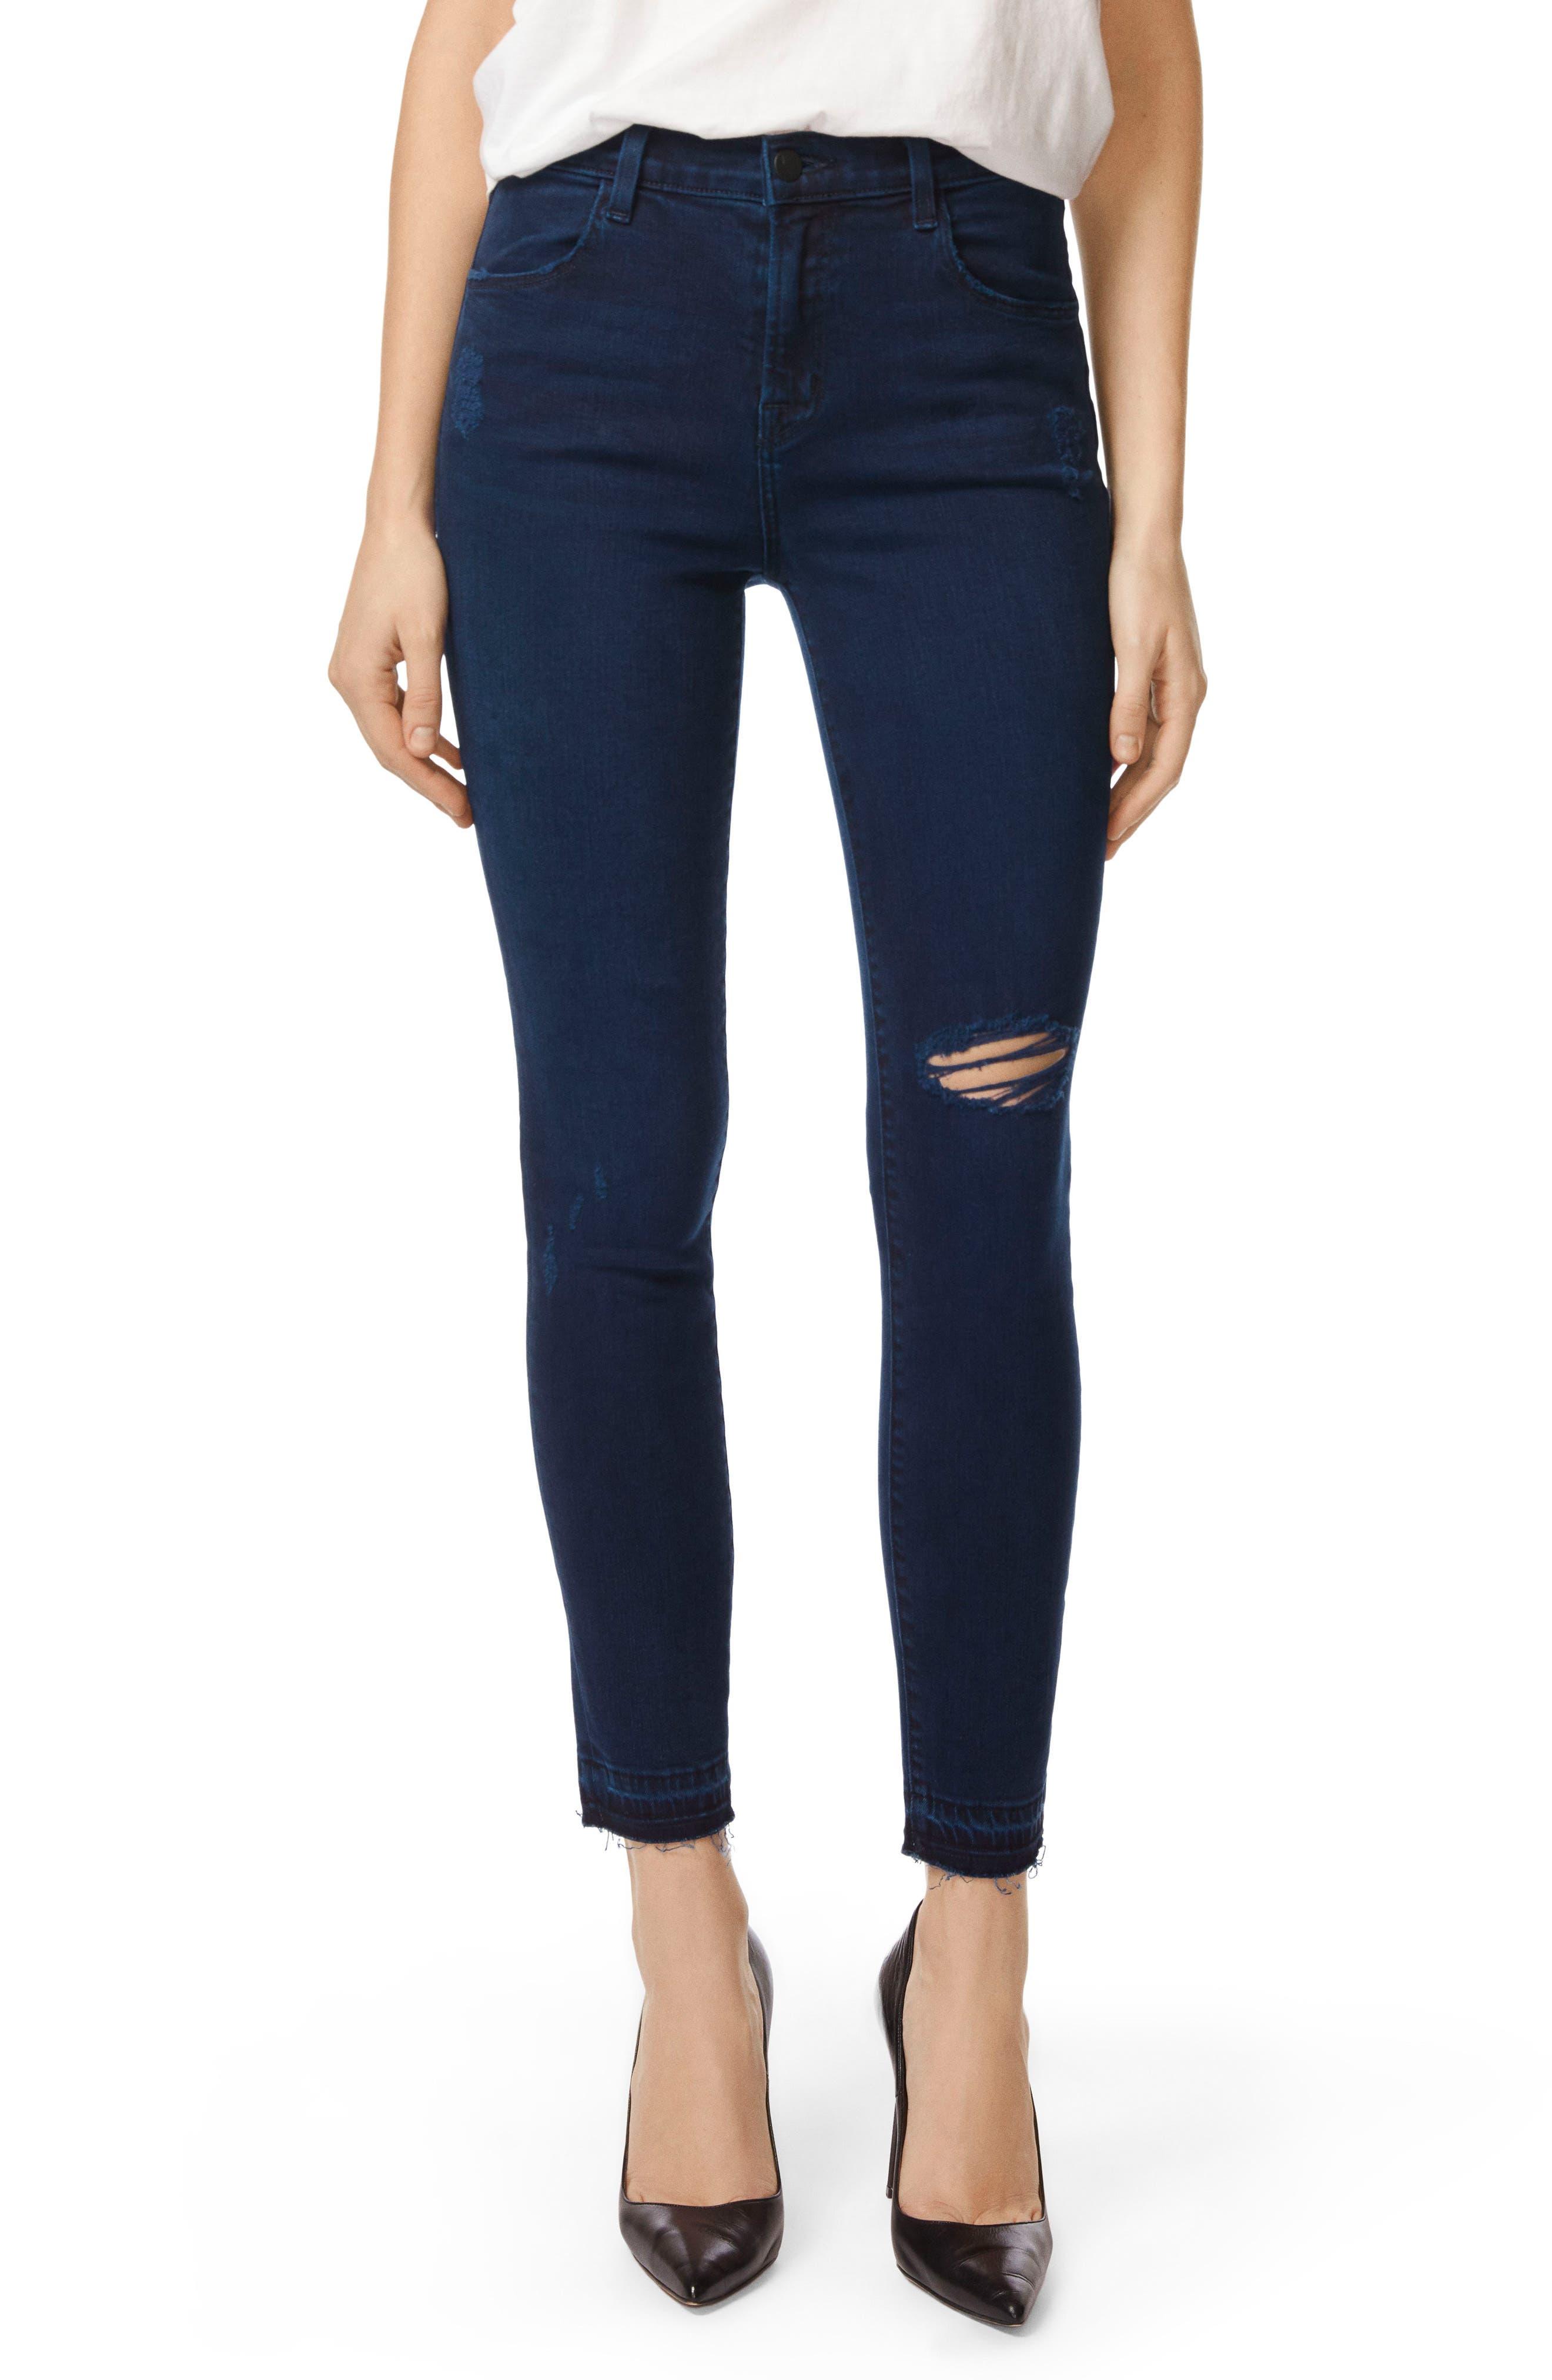 Alana Released Hem High Rise Crop Skinny Jeans,                         Main,                         color, Invoke Destruct